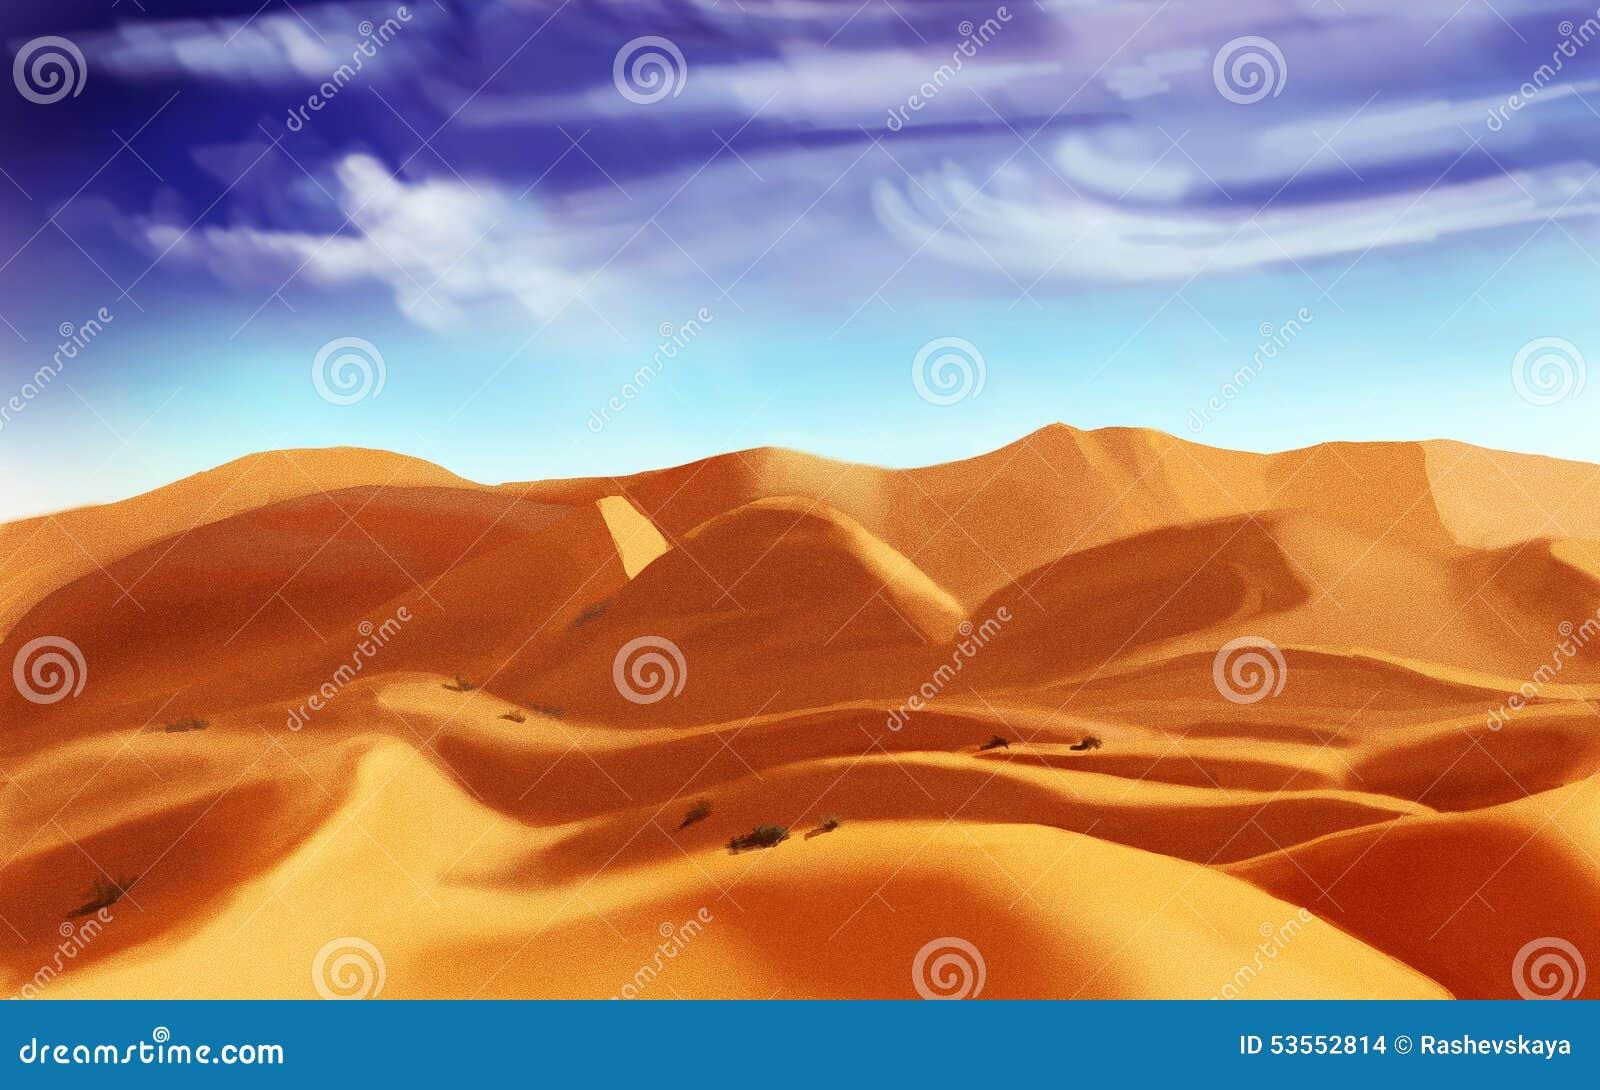 Wüstensand, digitale Zeichnung